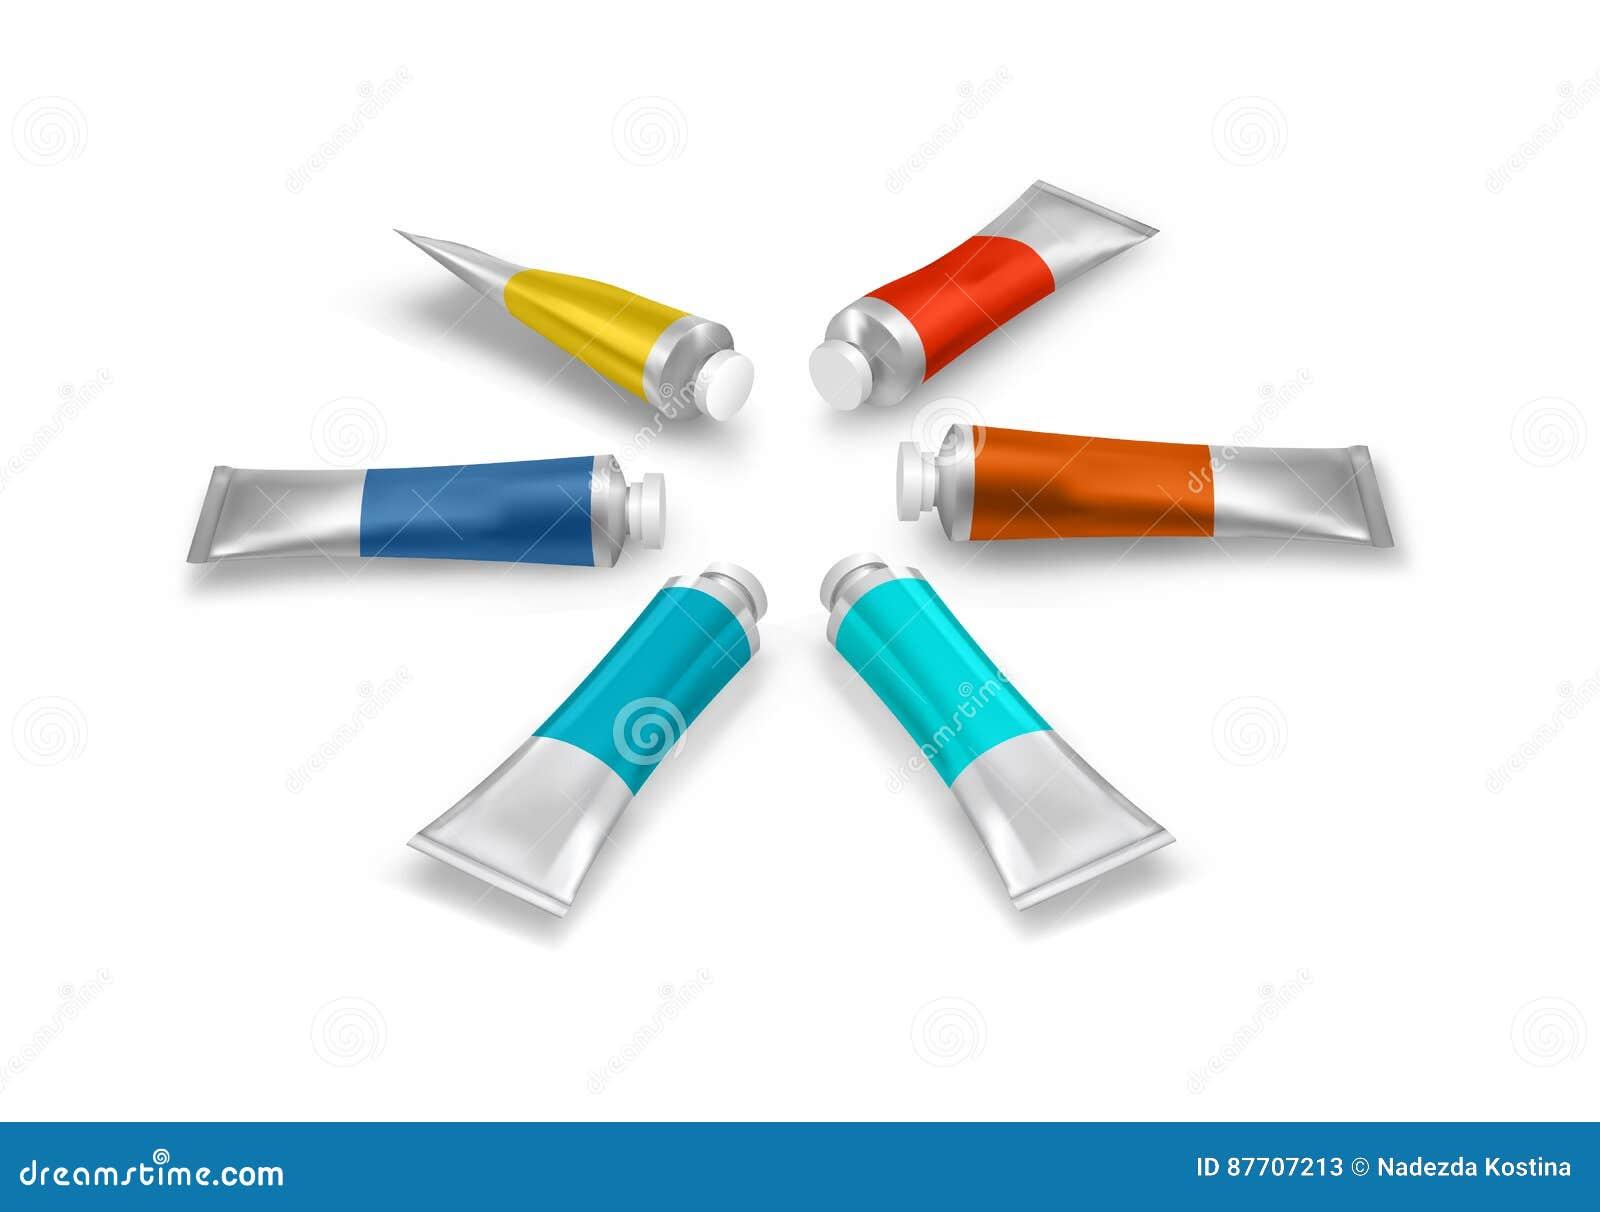 Tubes de peinture de vecteur